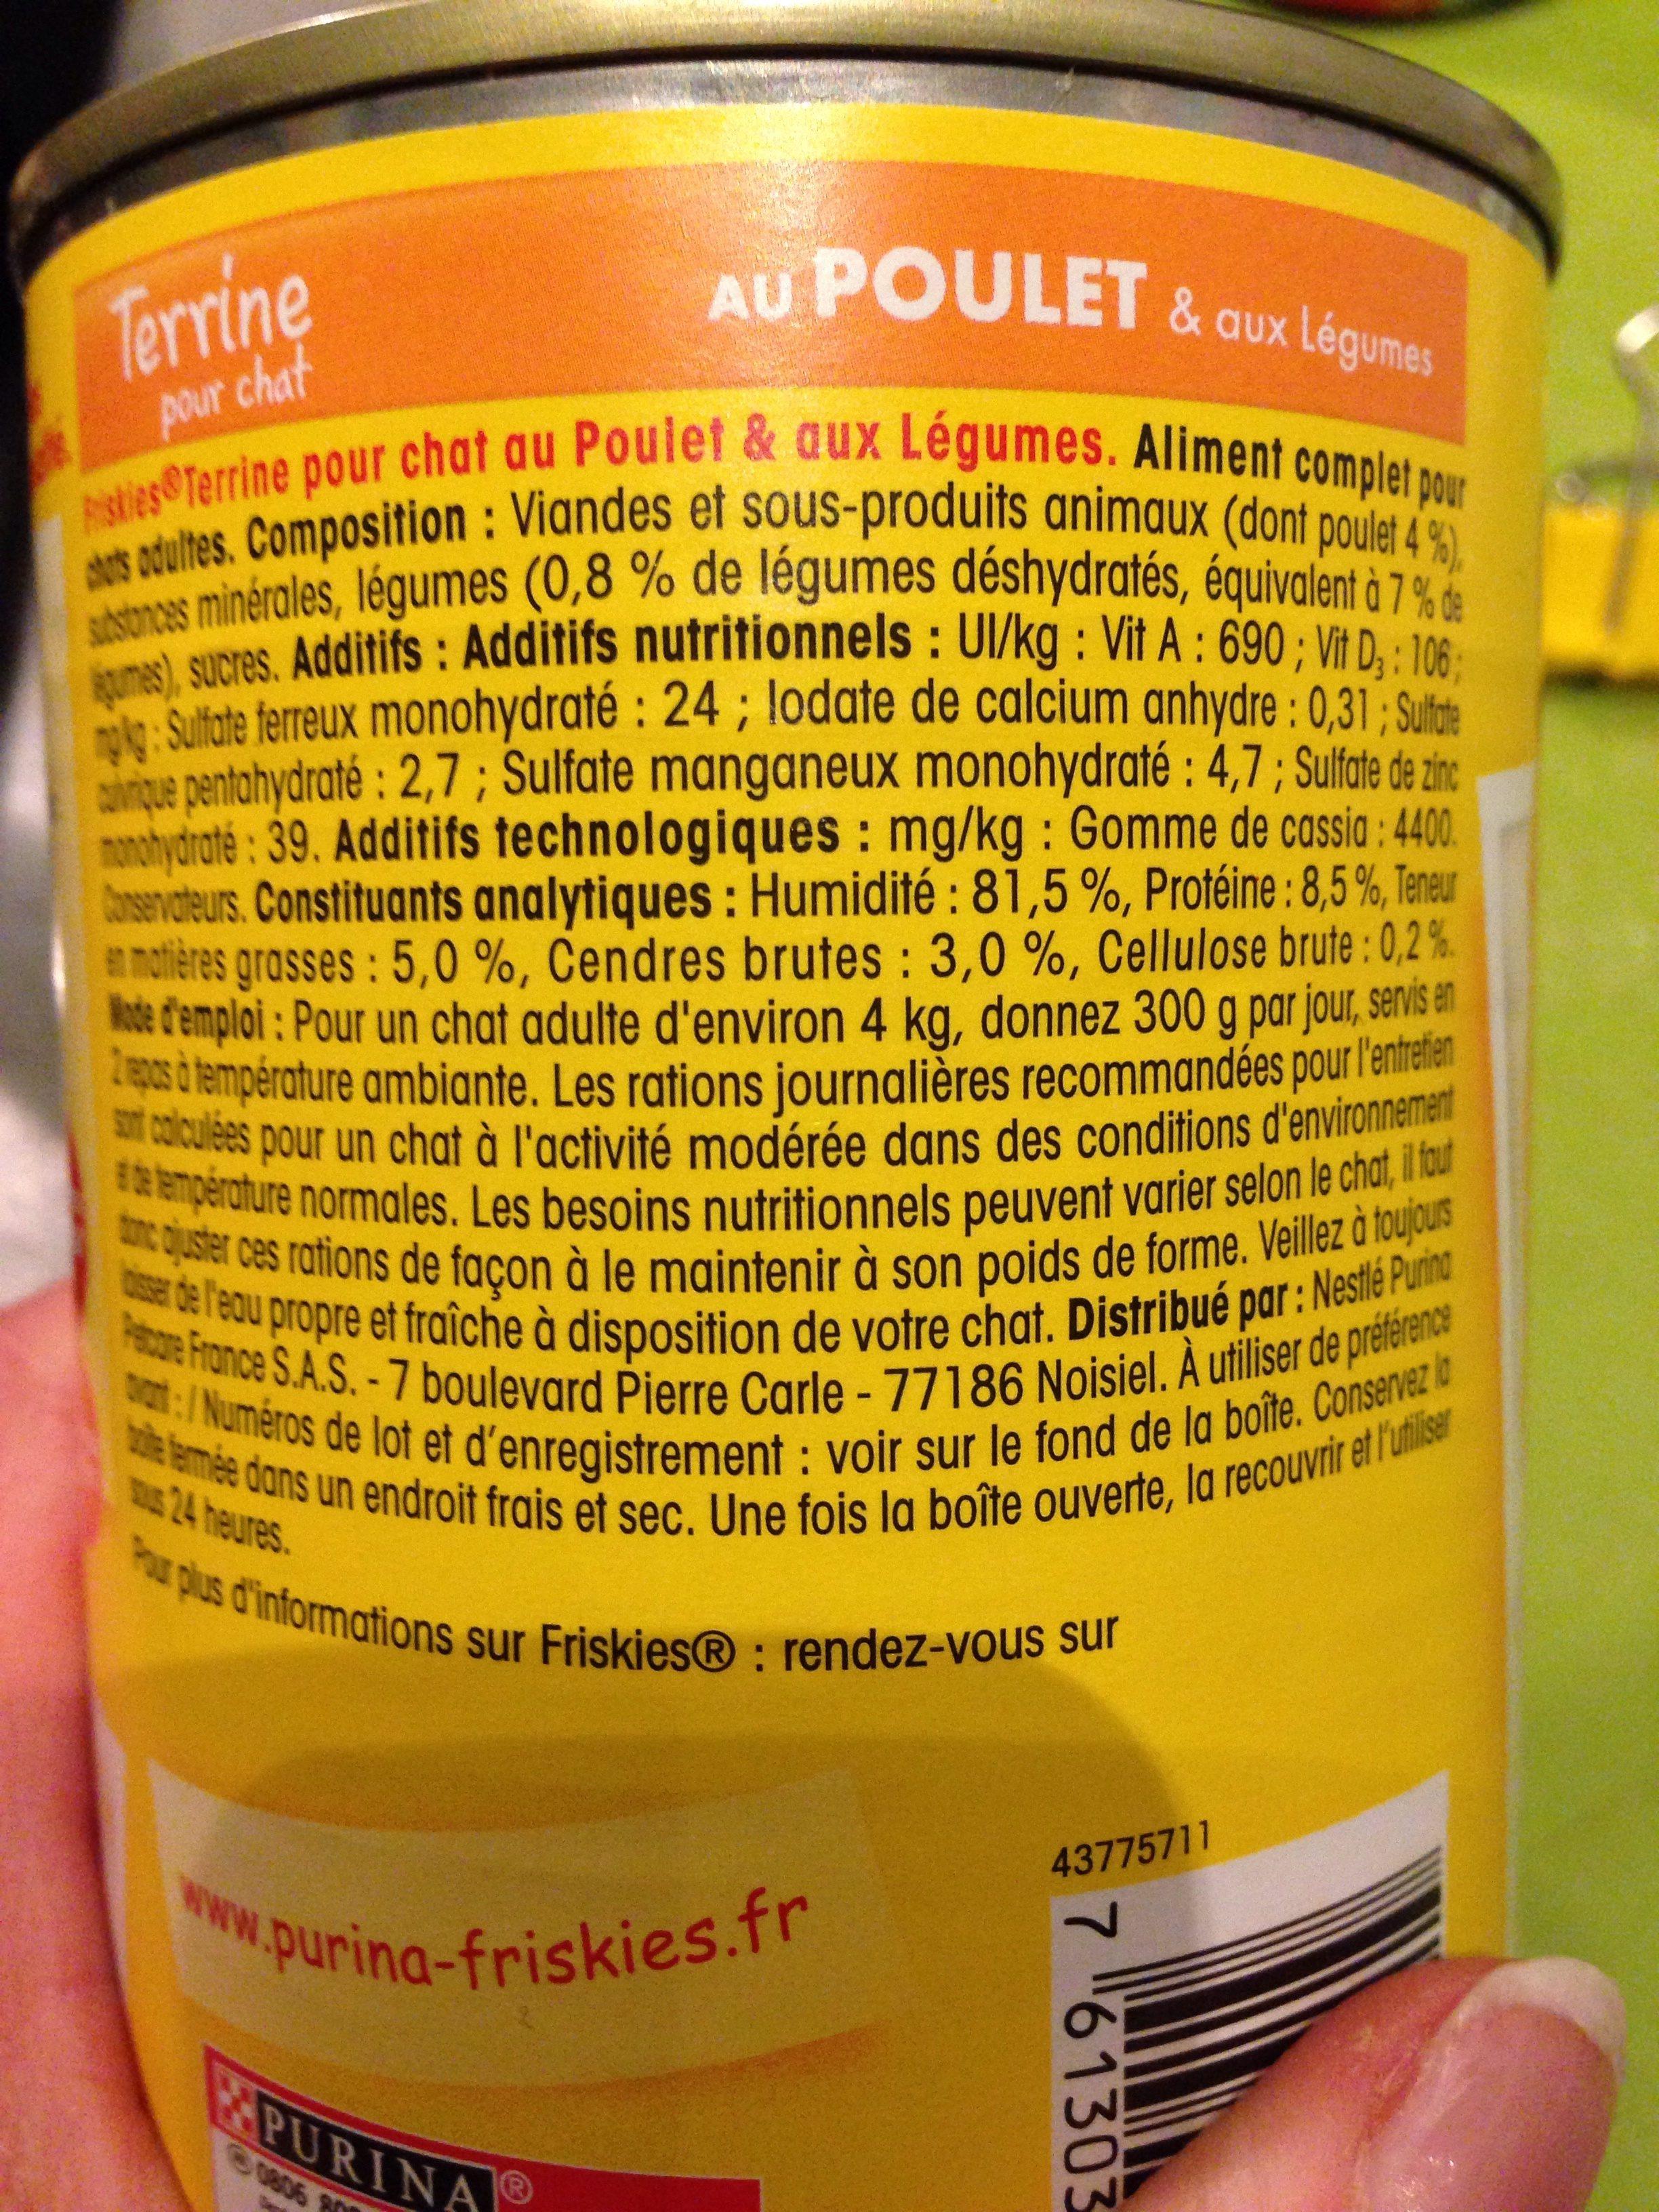 Aliment Complet Pour Chat Adulte. Boite 400 g Au Poulet Et Légumes - Ingredients - fr